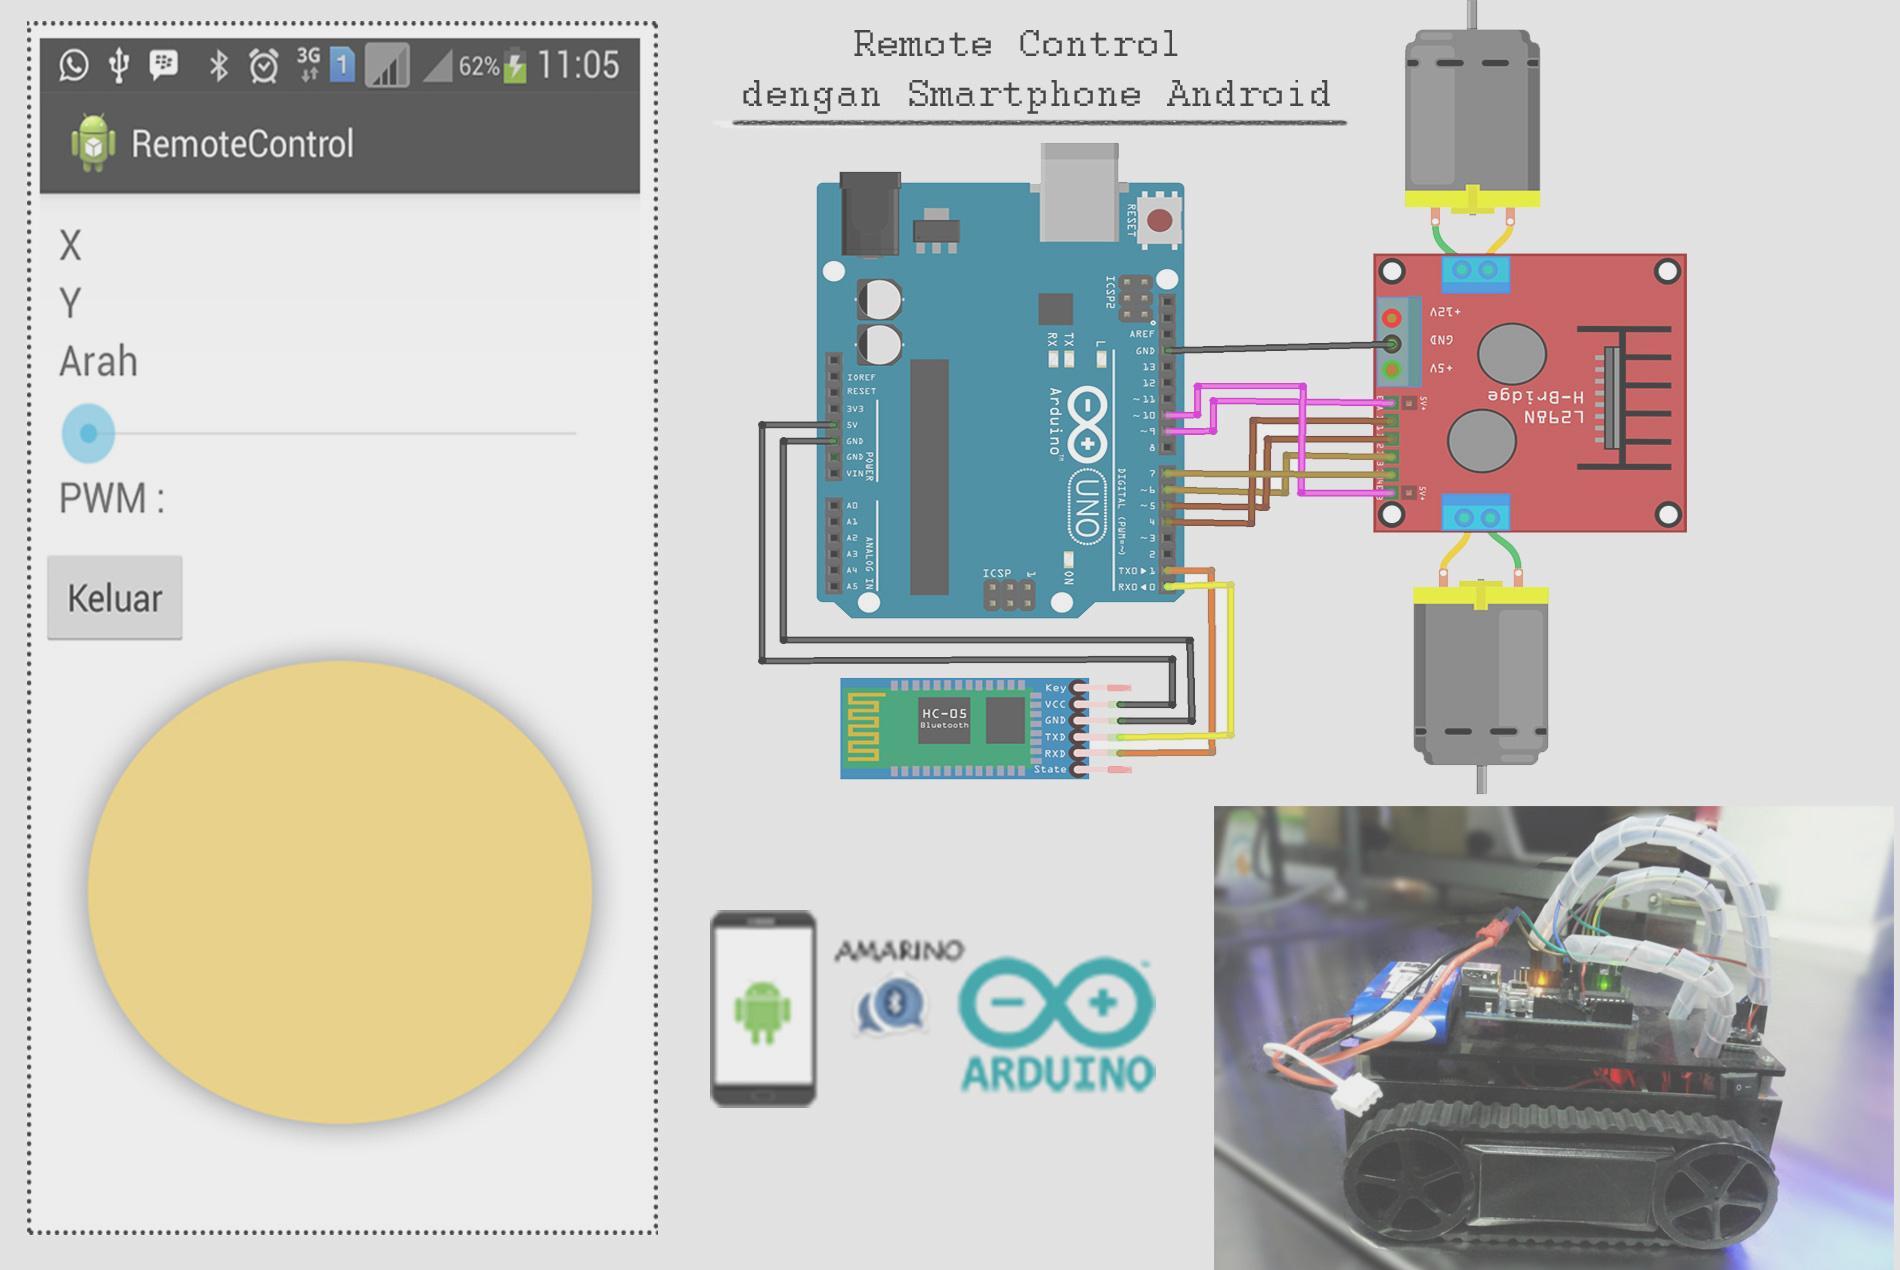 Tutorial Membuat Remote Control Rc Dengan Kendali Smartphone Android Narin Laboratory